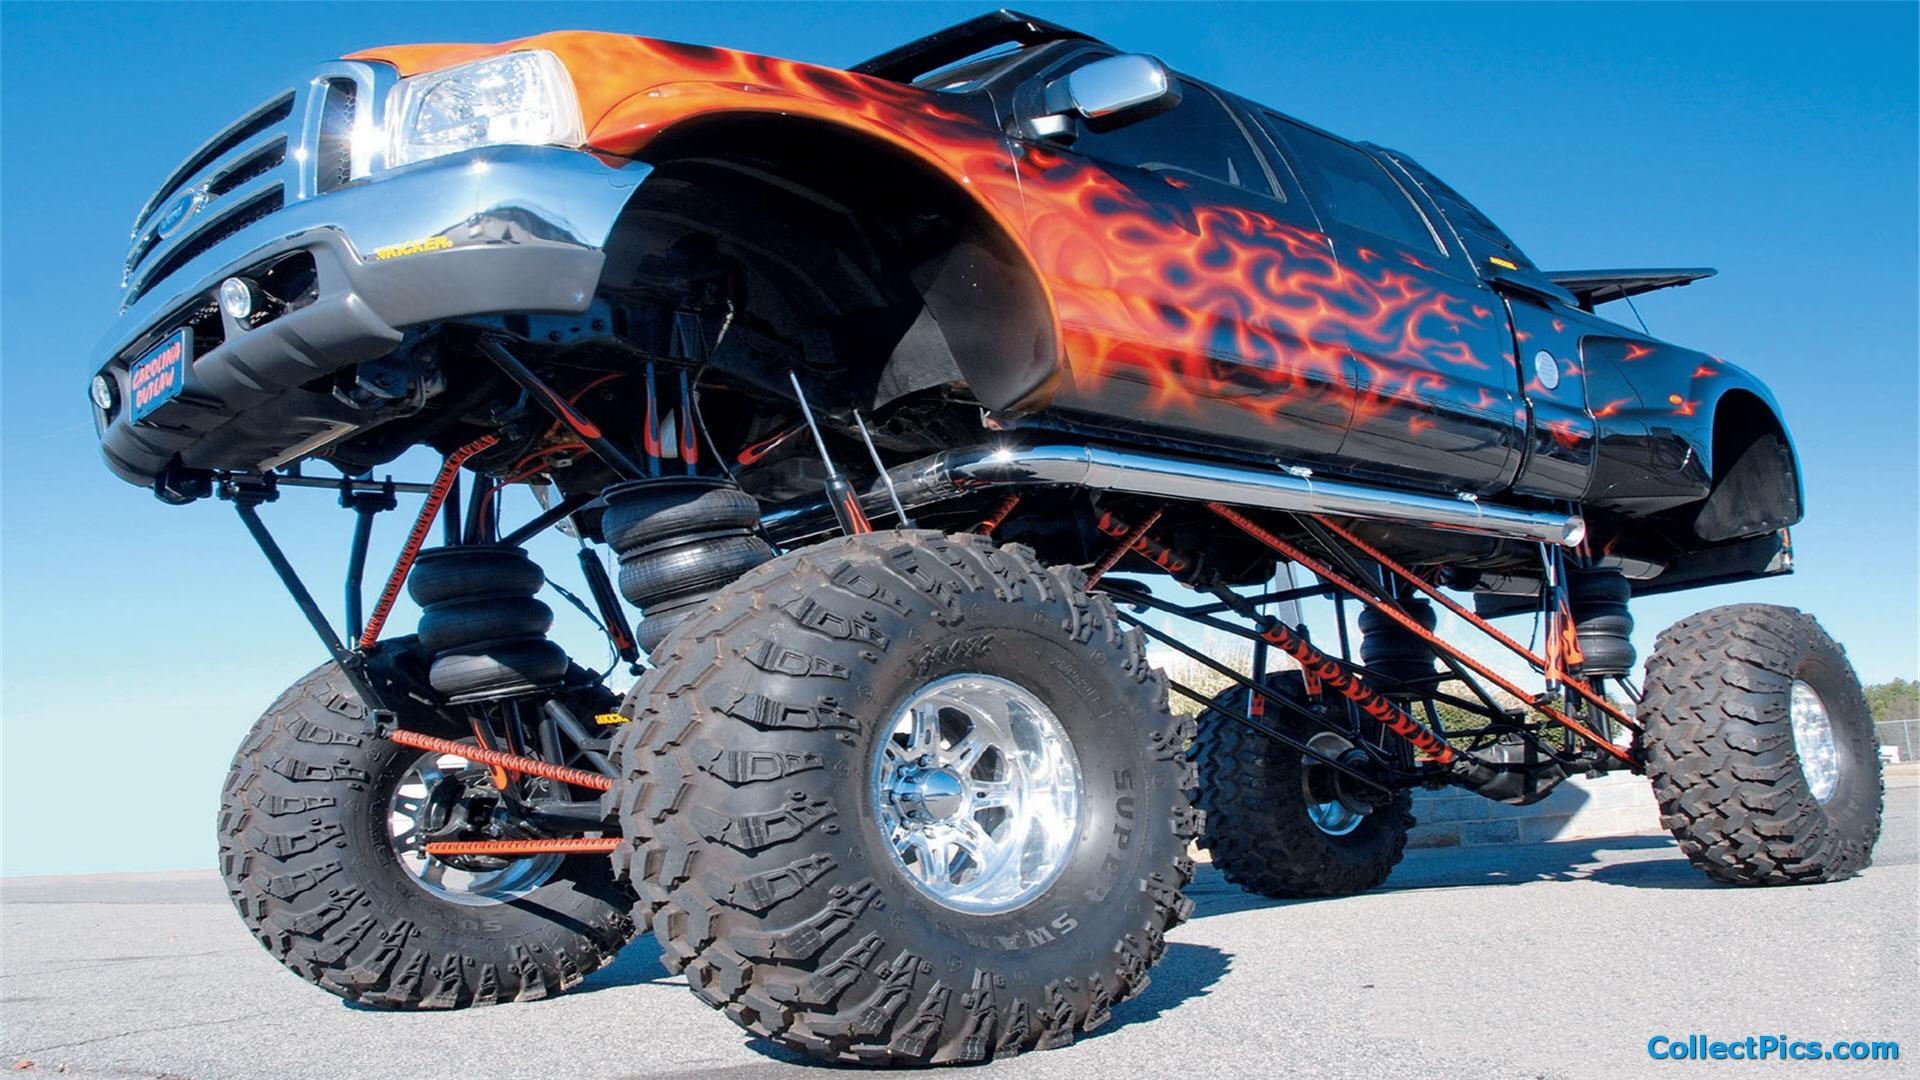 Camaro Monster Truck >> Monster Trucks Wallpaper (53+ images)